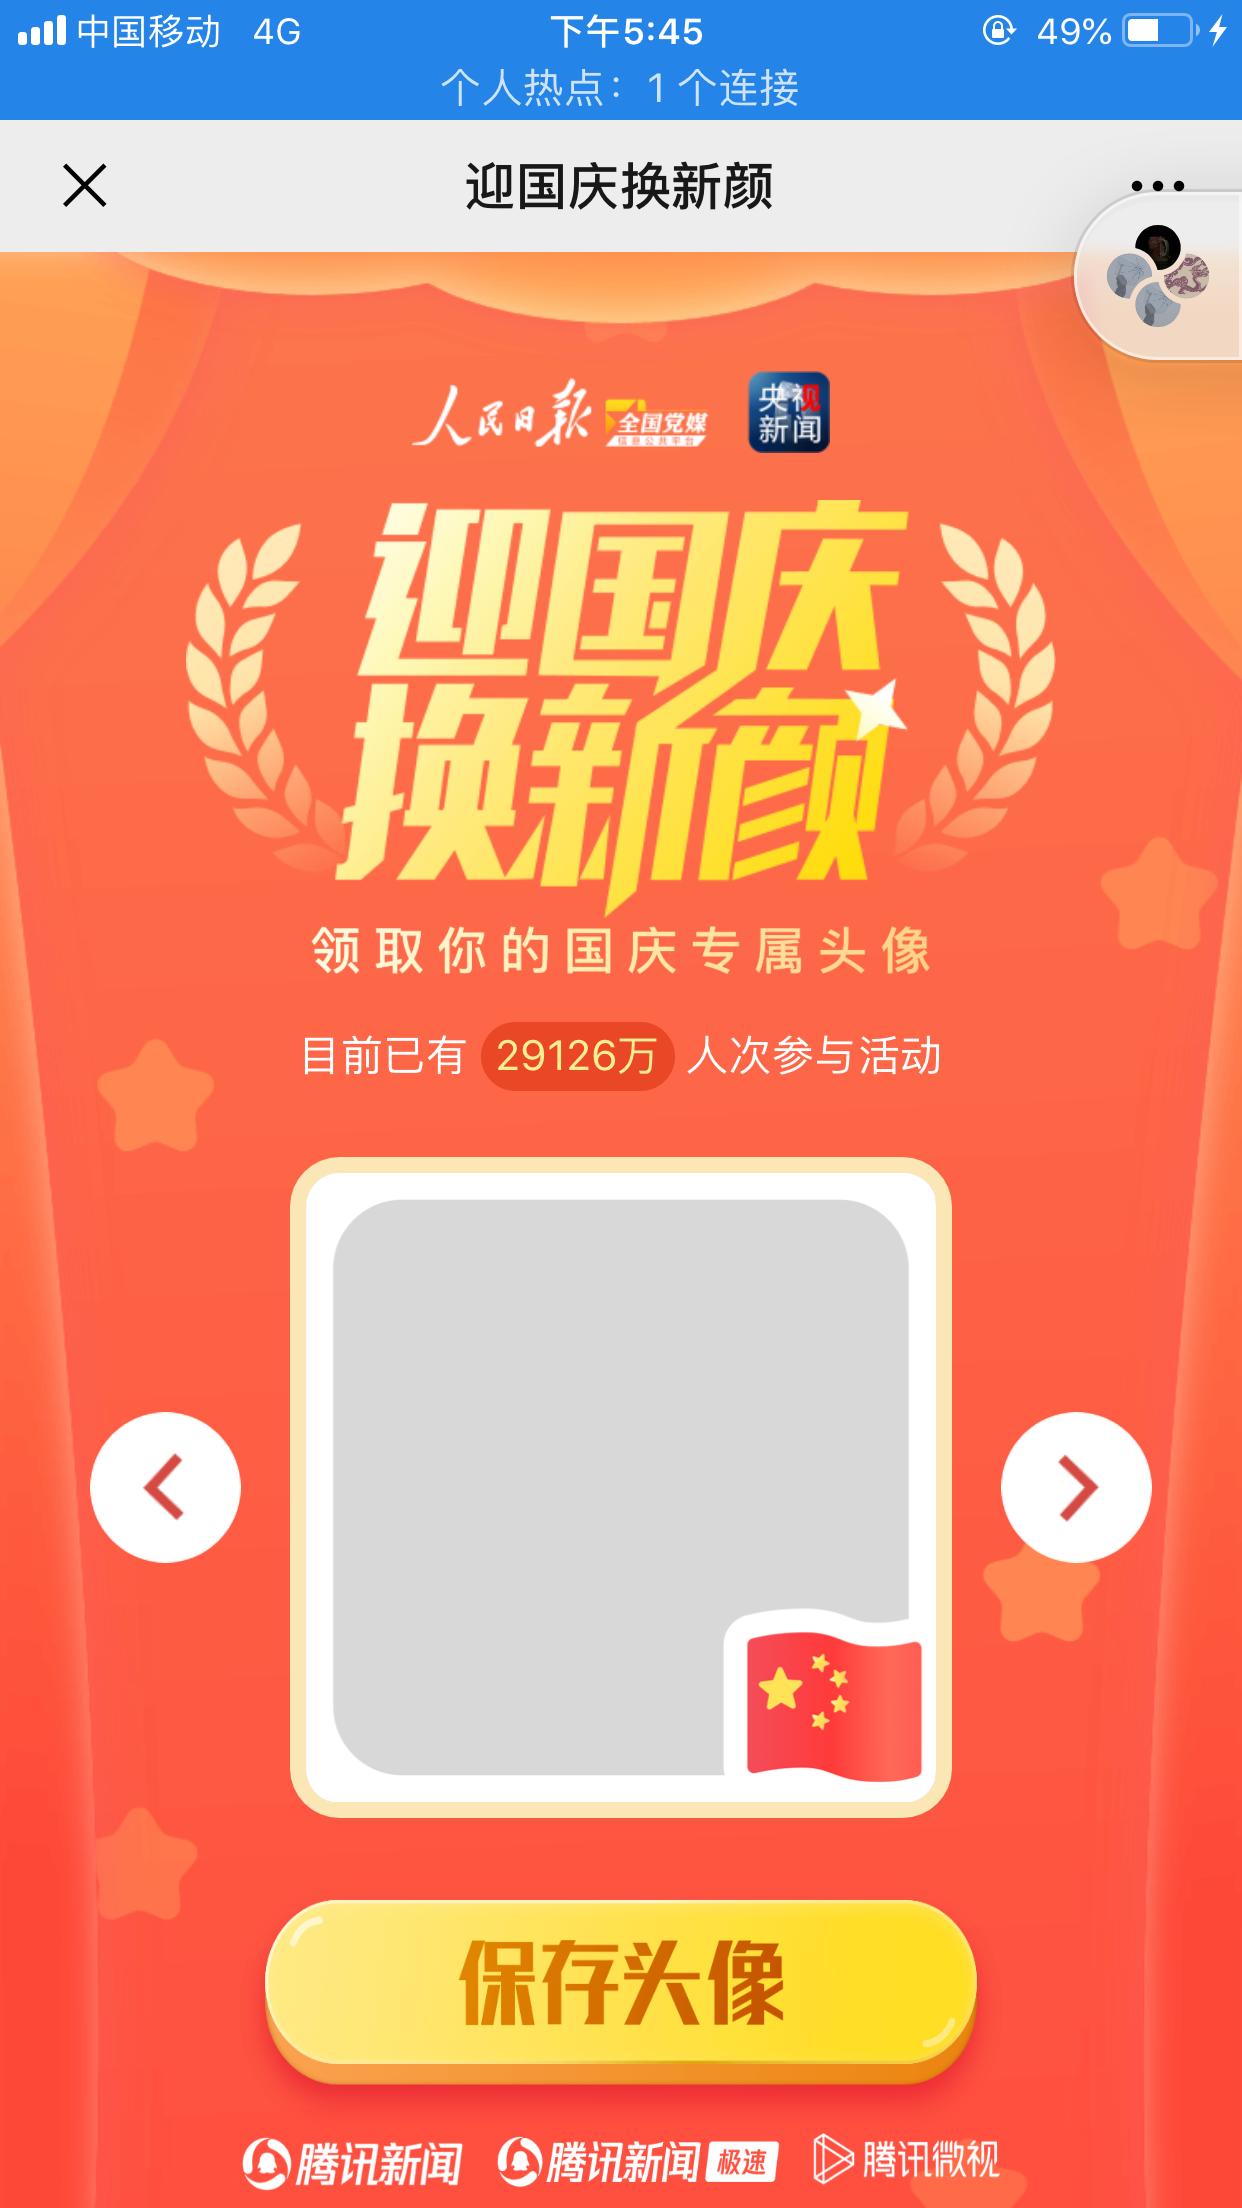 """""""给我一面国旗@微信官方""""服务器异常,腾讯称正解决"""